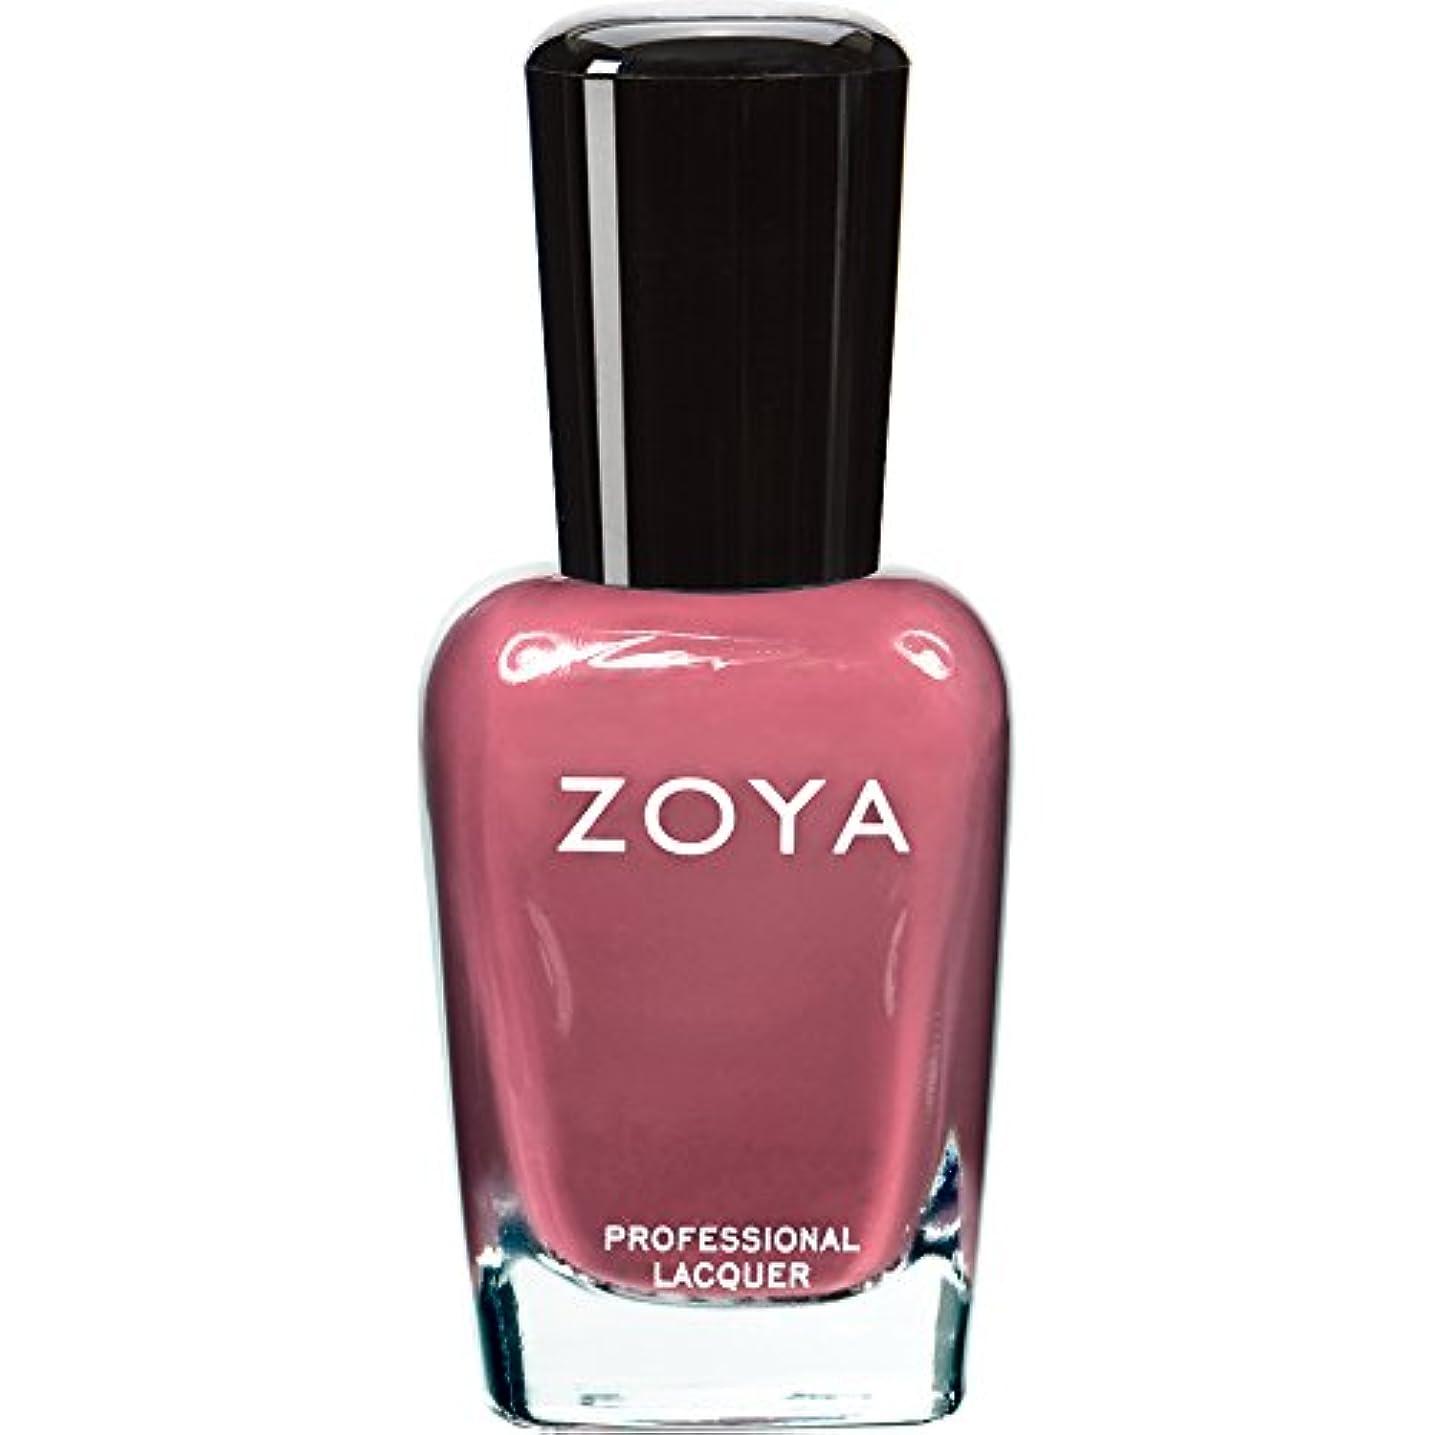 どれでもリーガン疼痛ZOYA ゾーヤ ネイルカラー ZP422 COCO ココ 15ml なめらかな深いモーブ マット 爪にやさしいネイルラッカーマニキュア